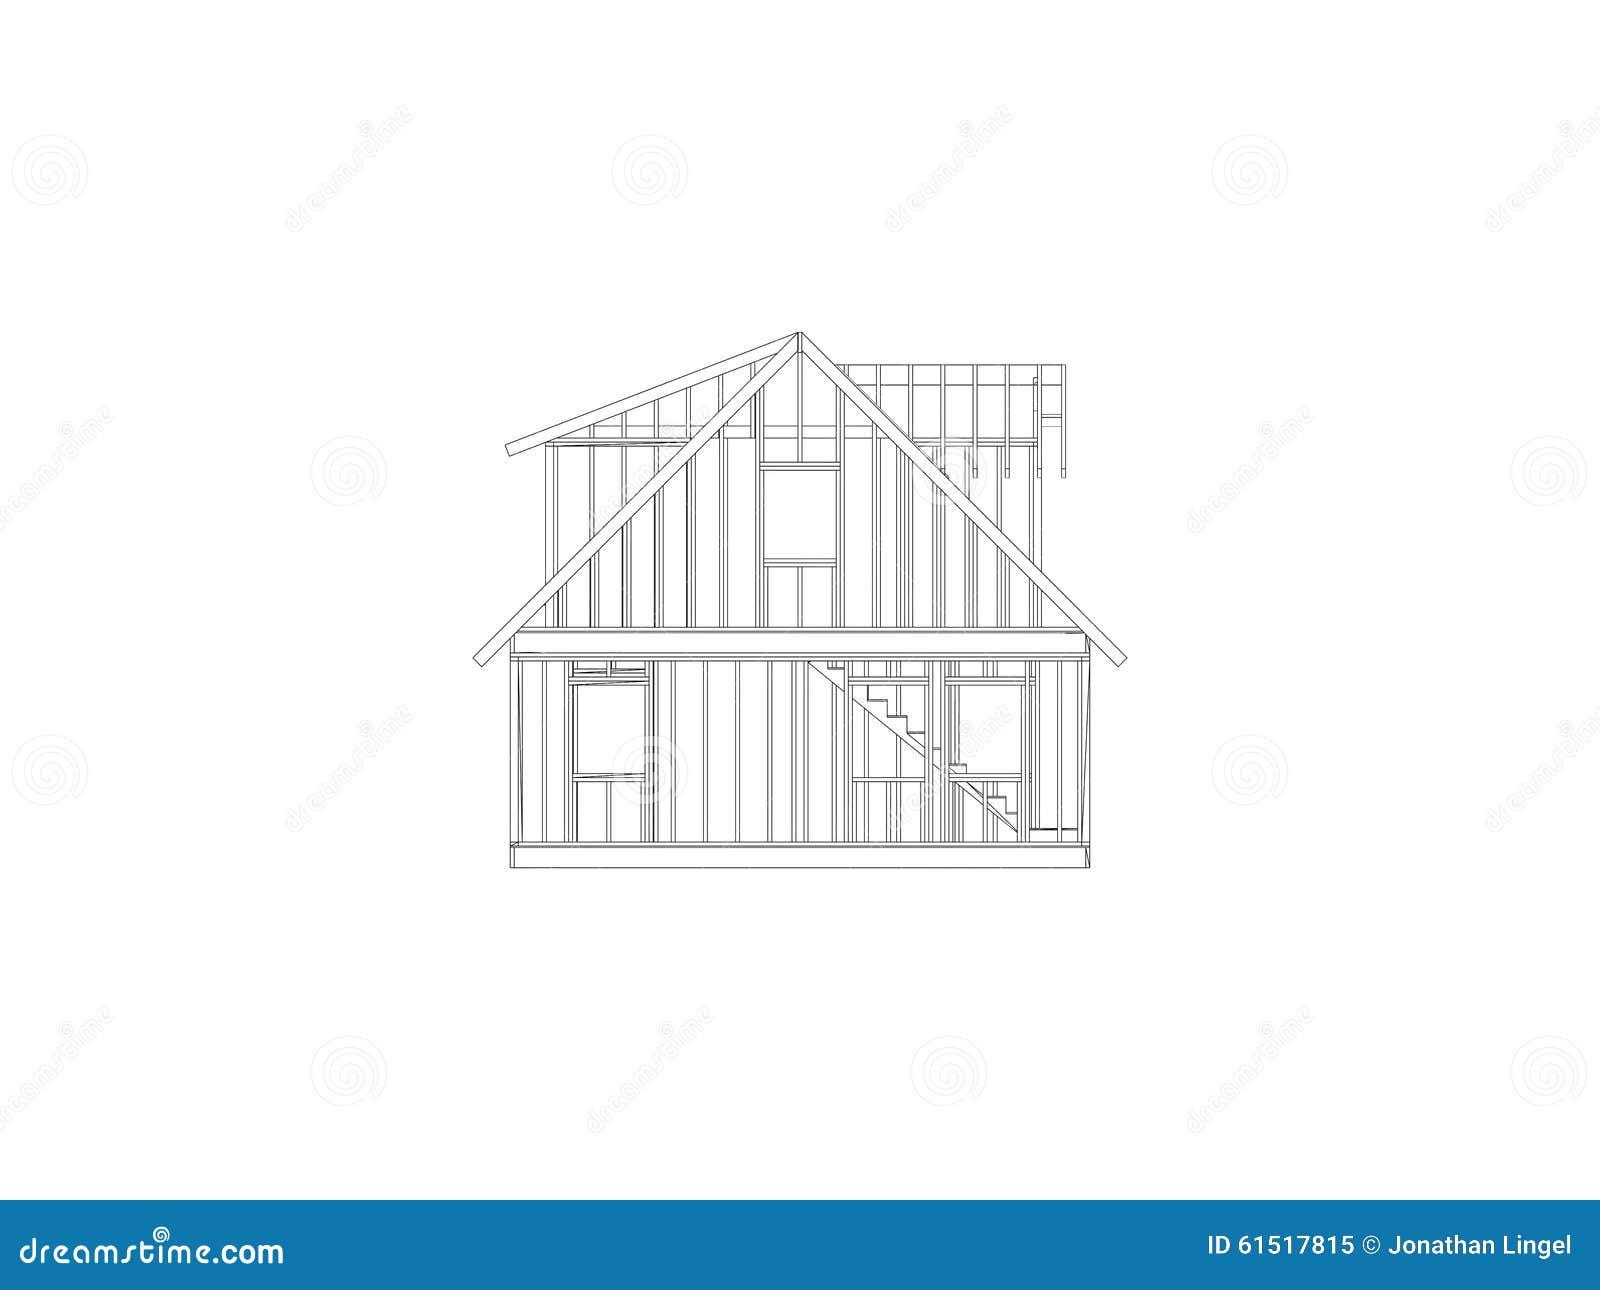 Het huiskader van de kaapstijl stock illustratie afbeelding 61517815 - Zolder ontwikkeling ...